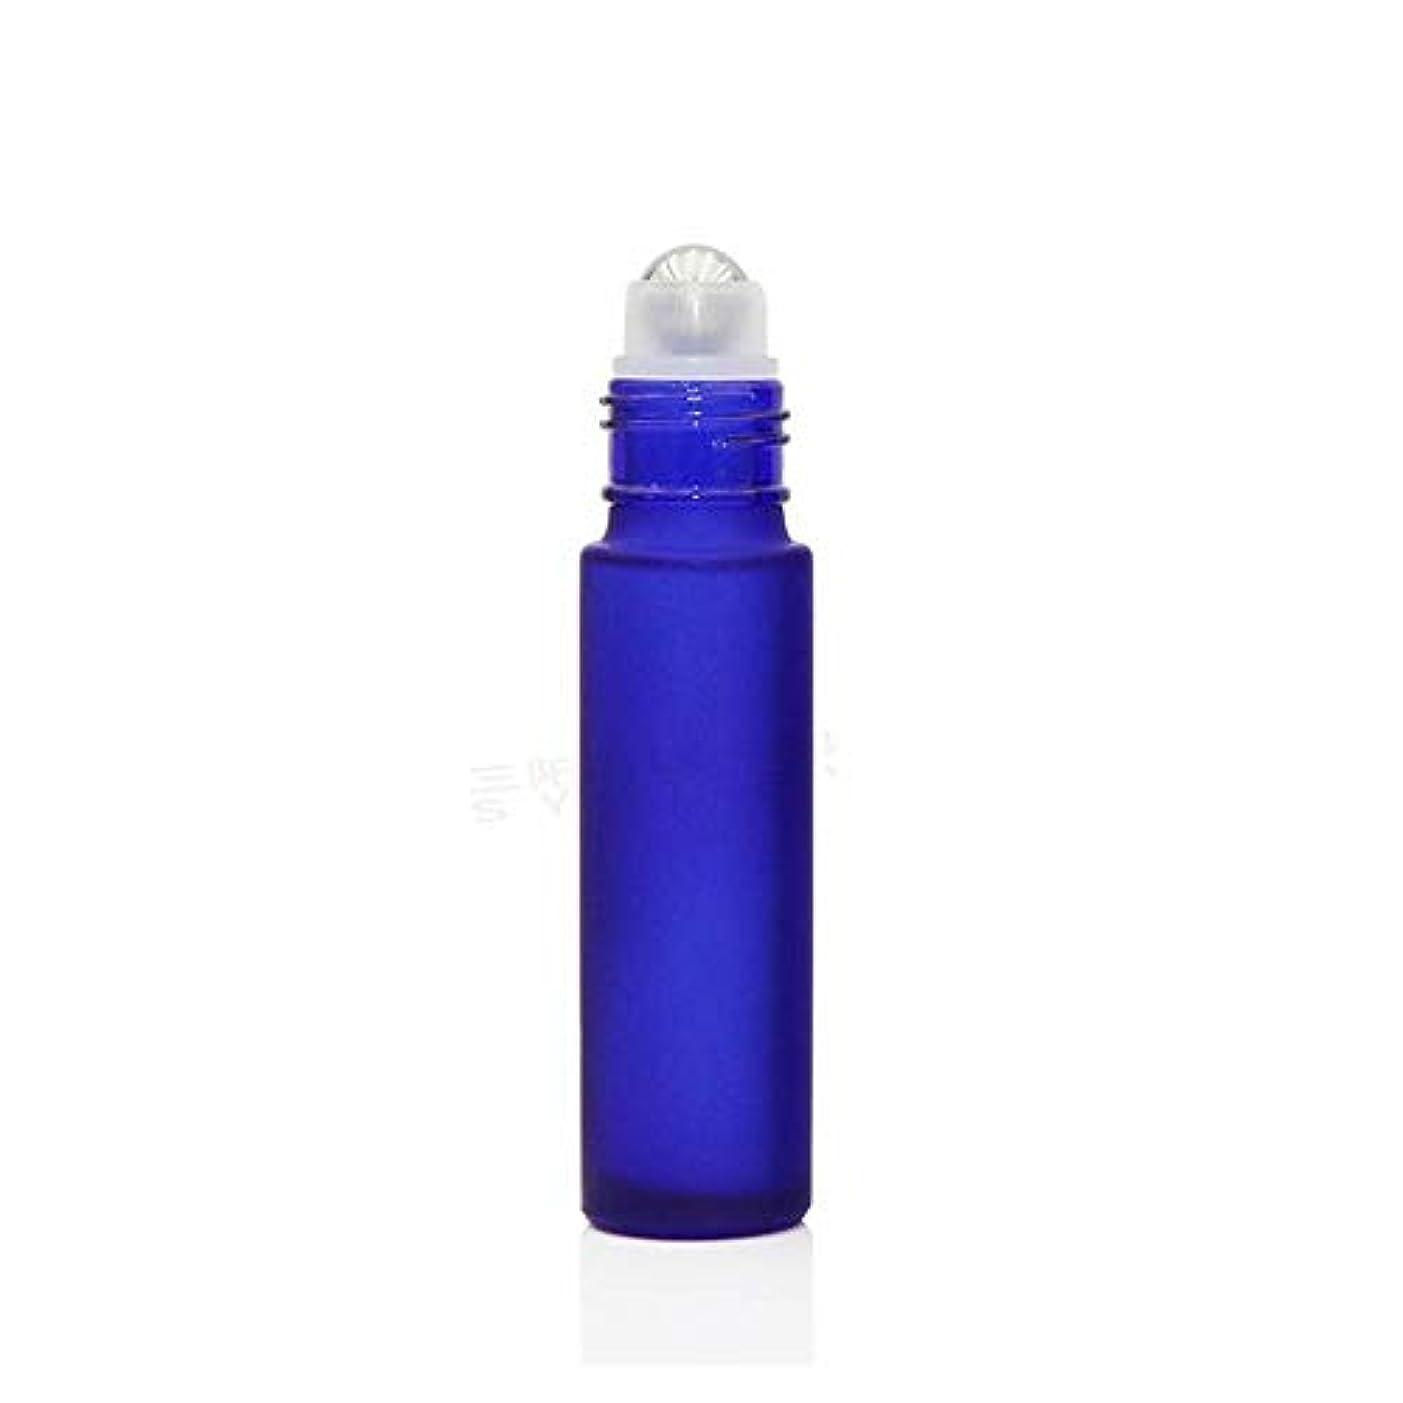 みがきます悲劇反毒gundoop ロールオンボトル アロマオイル 精油 小分け用 遮光瓶 10ml 10本セット ガラスロールタイプ (ブルー)